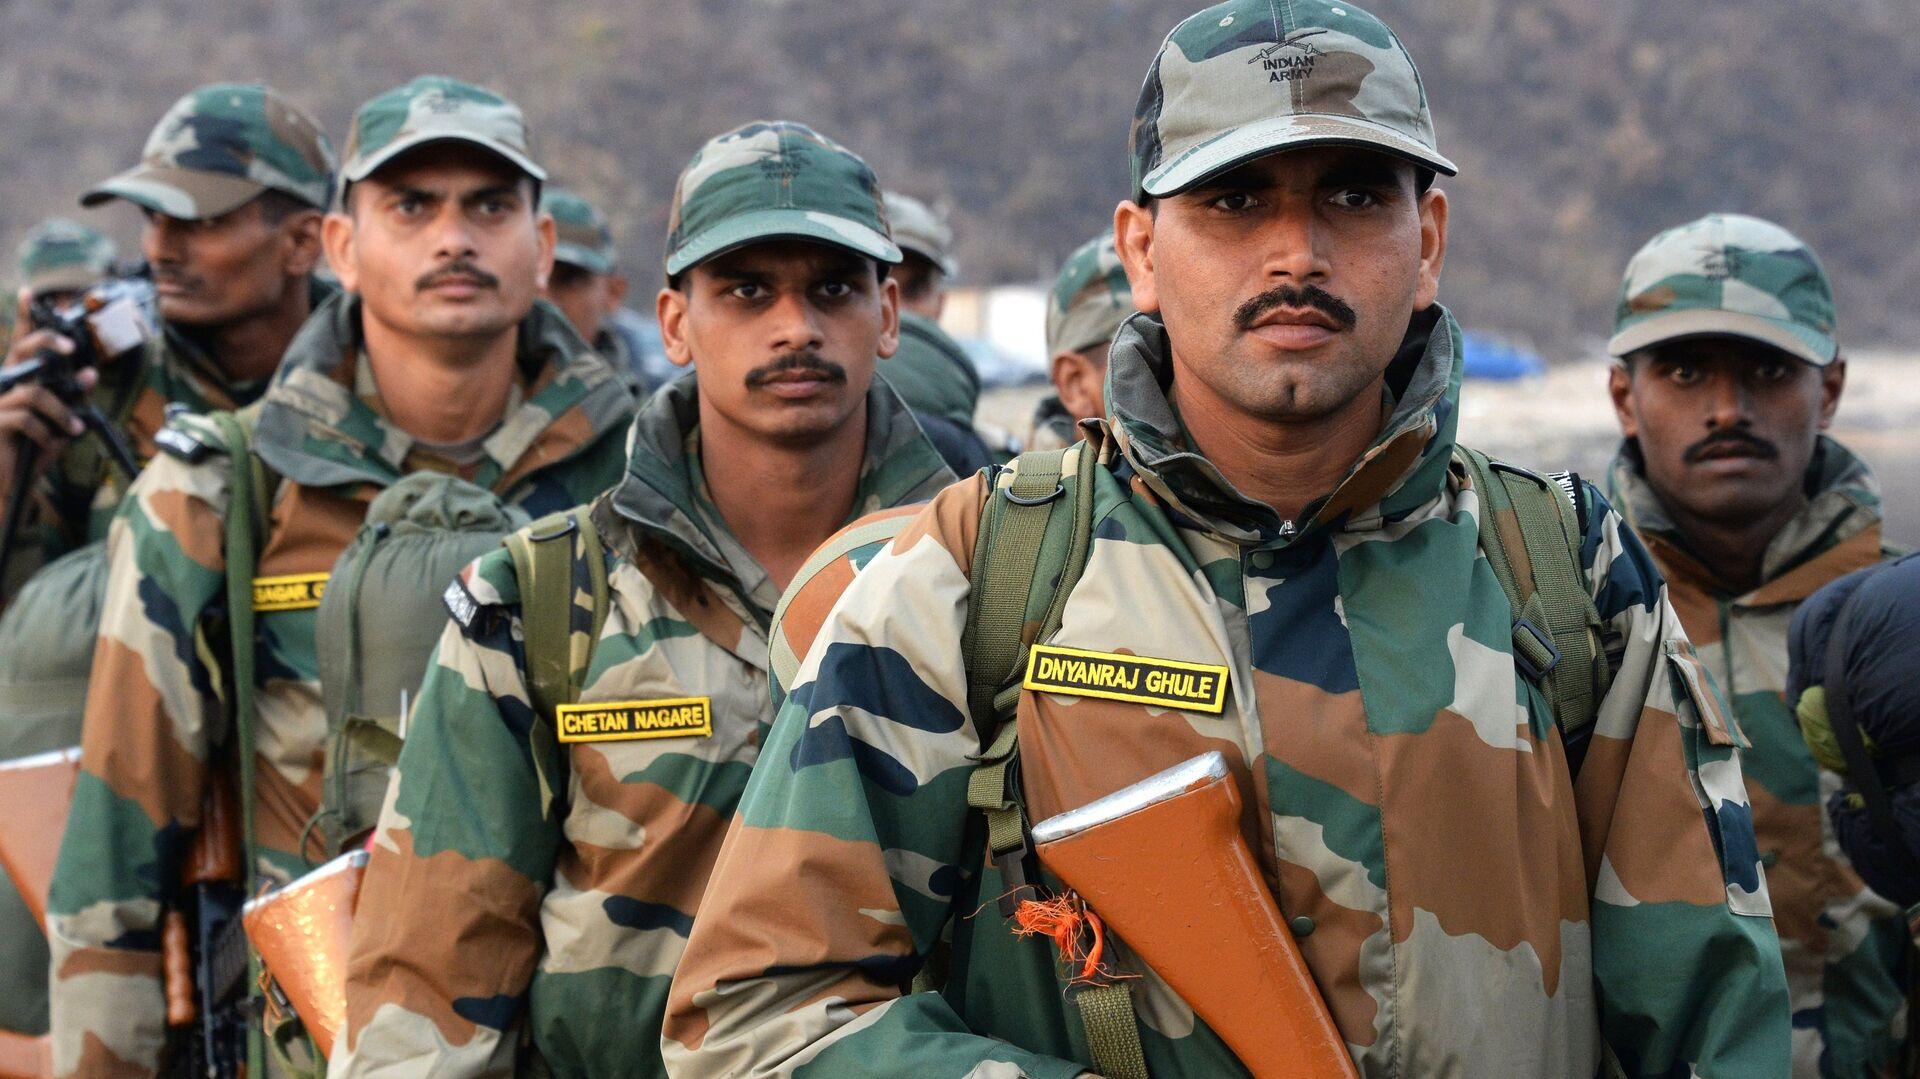 Военнослужащие Индии на международных российско-индийских учениях Индра - 2017 - РИА Новости, 1920, 05.08.2021